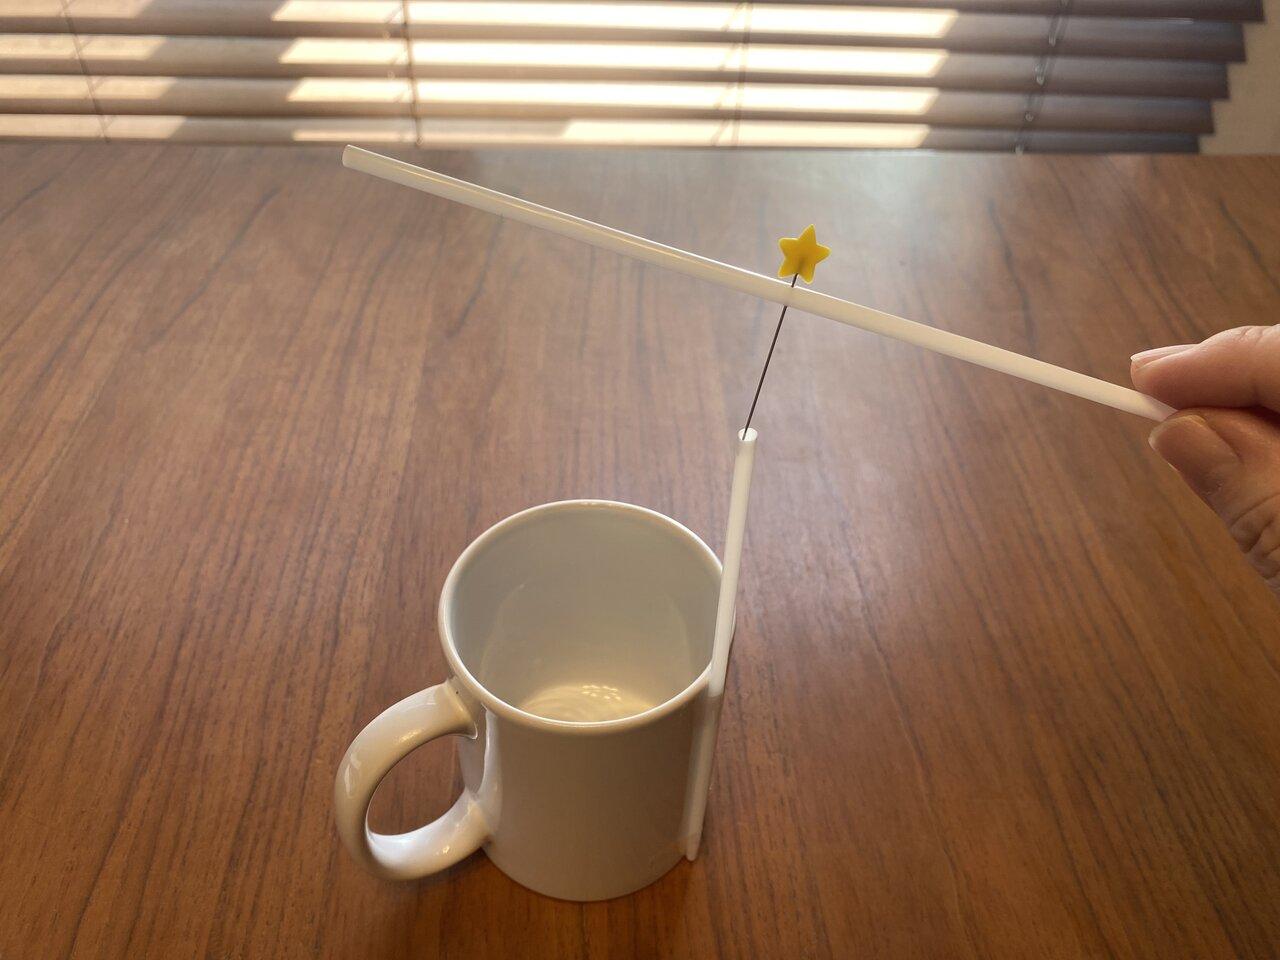 まち針は大人といっしょに使おう。 撮影:Yuchi